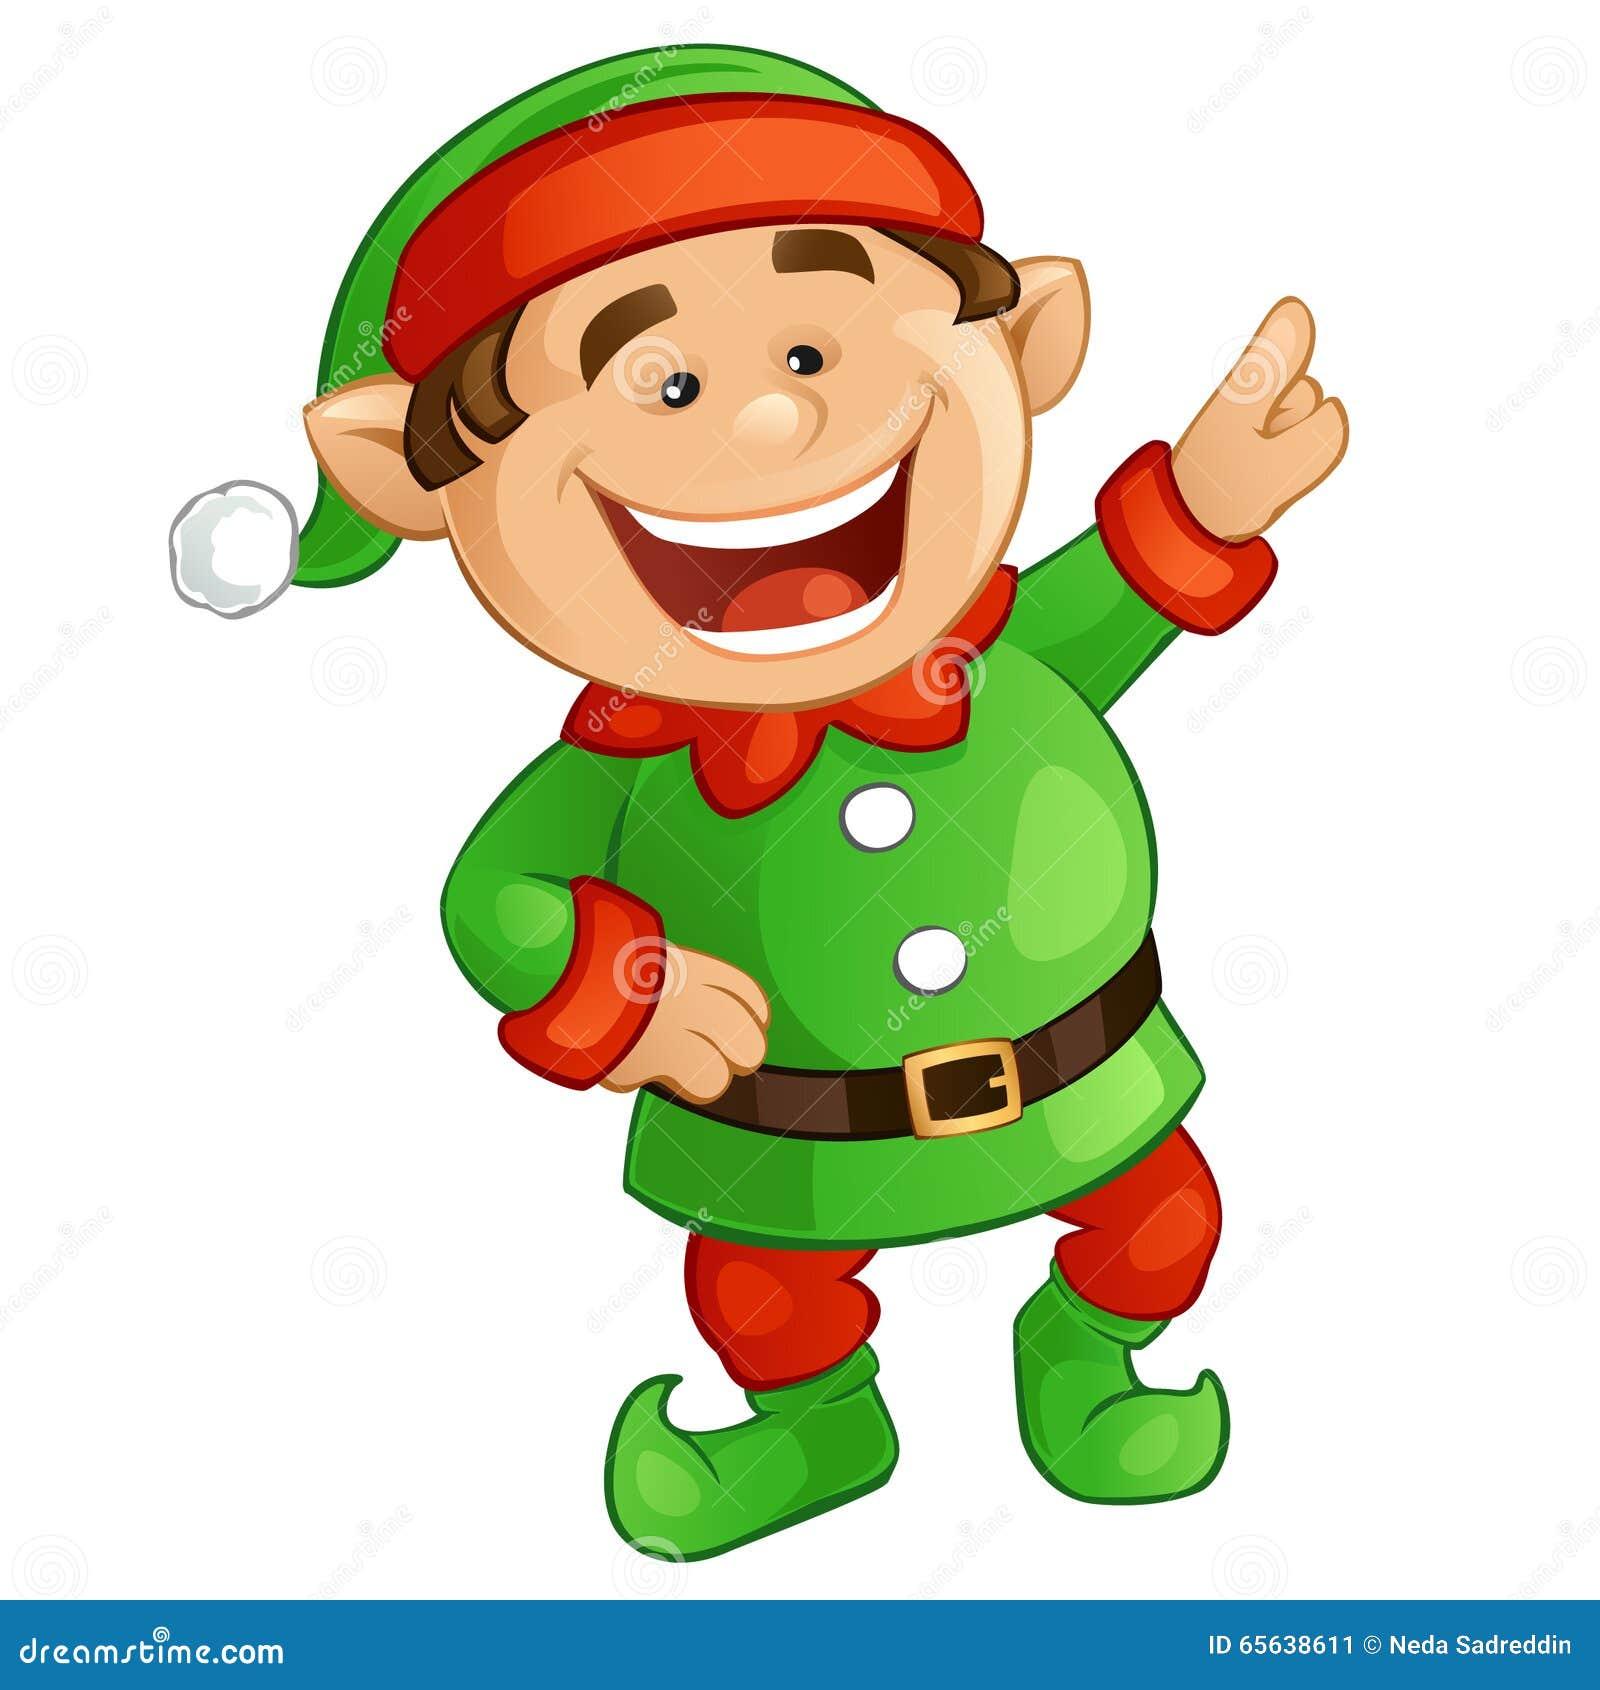 happy elf clipart - photo #3